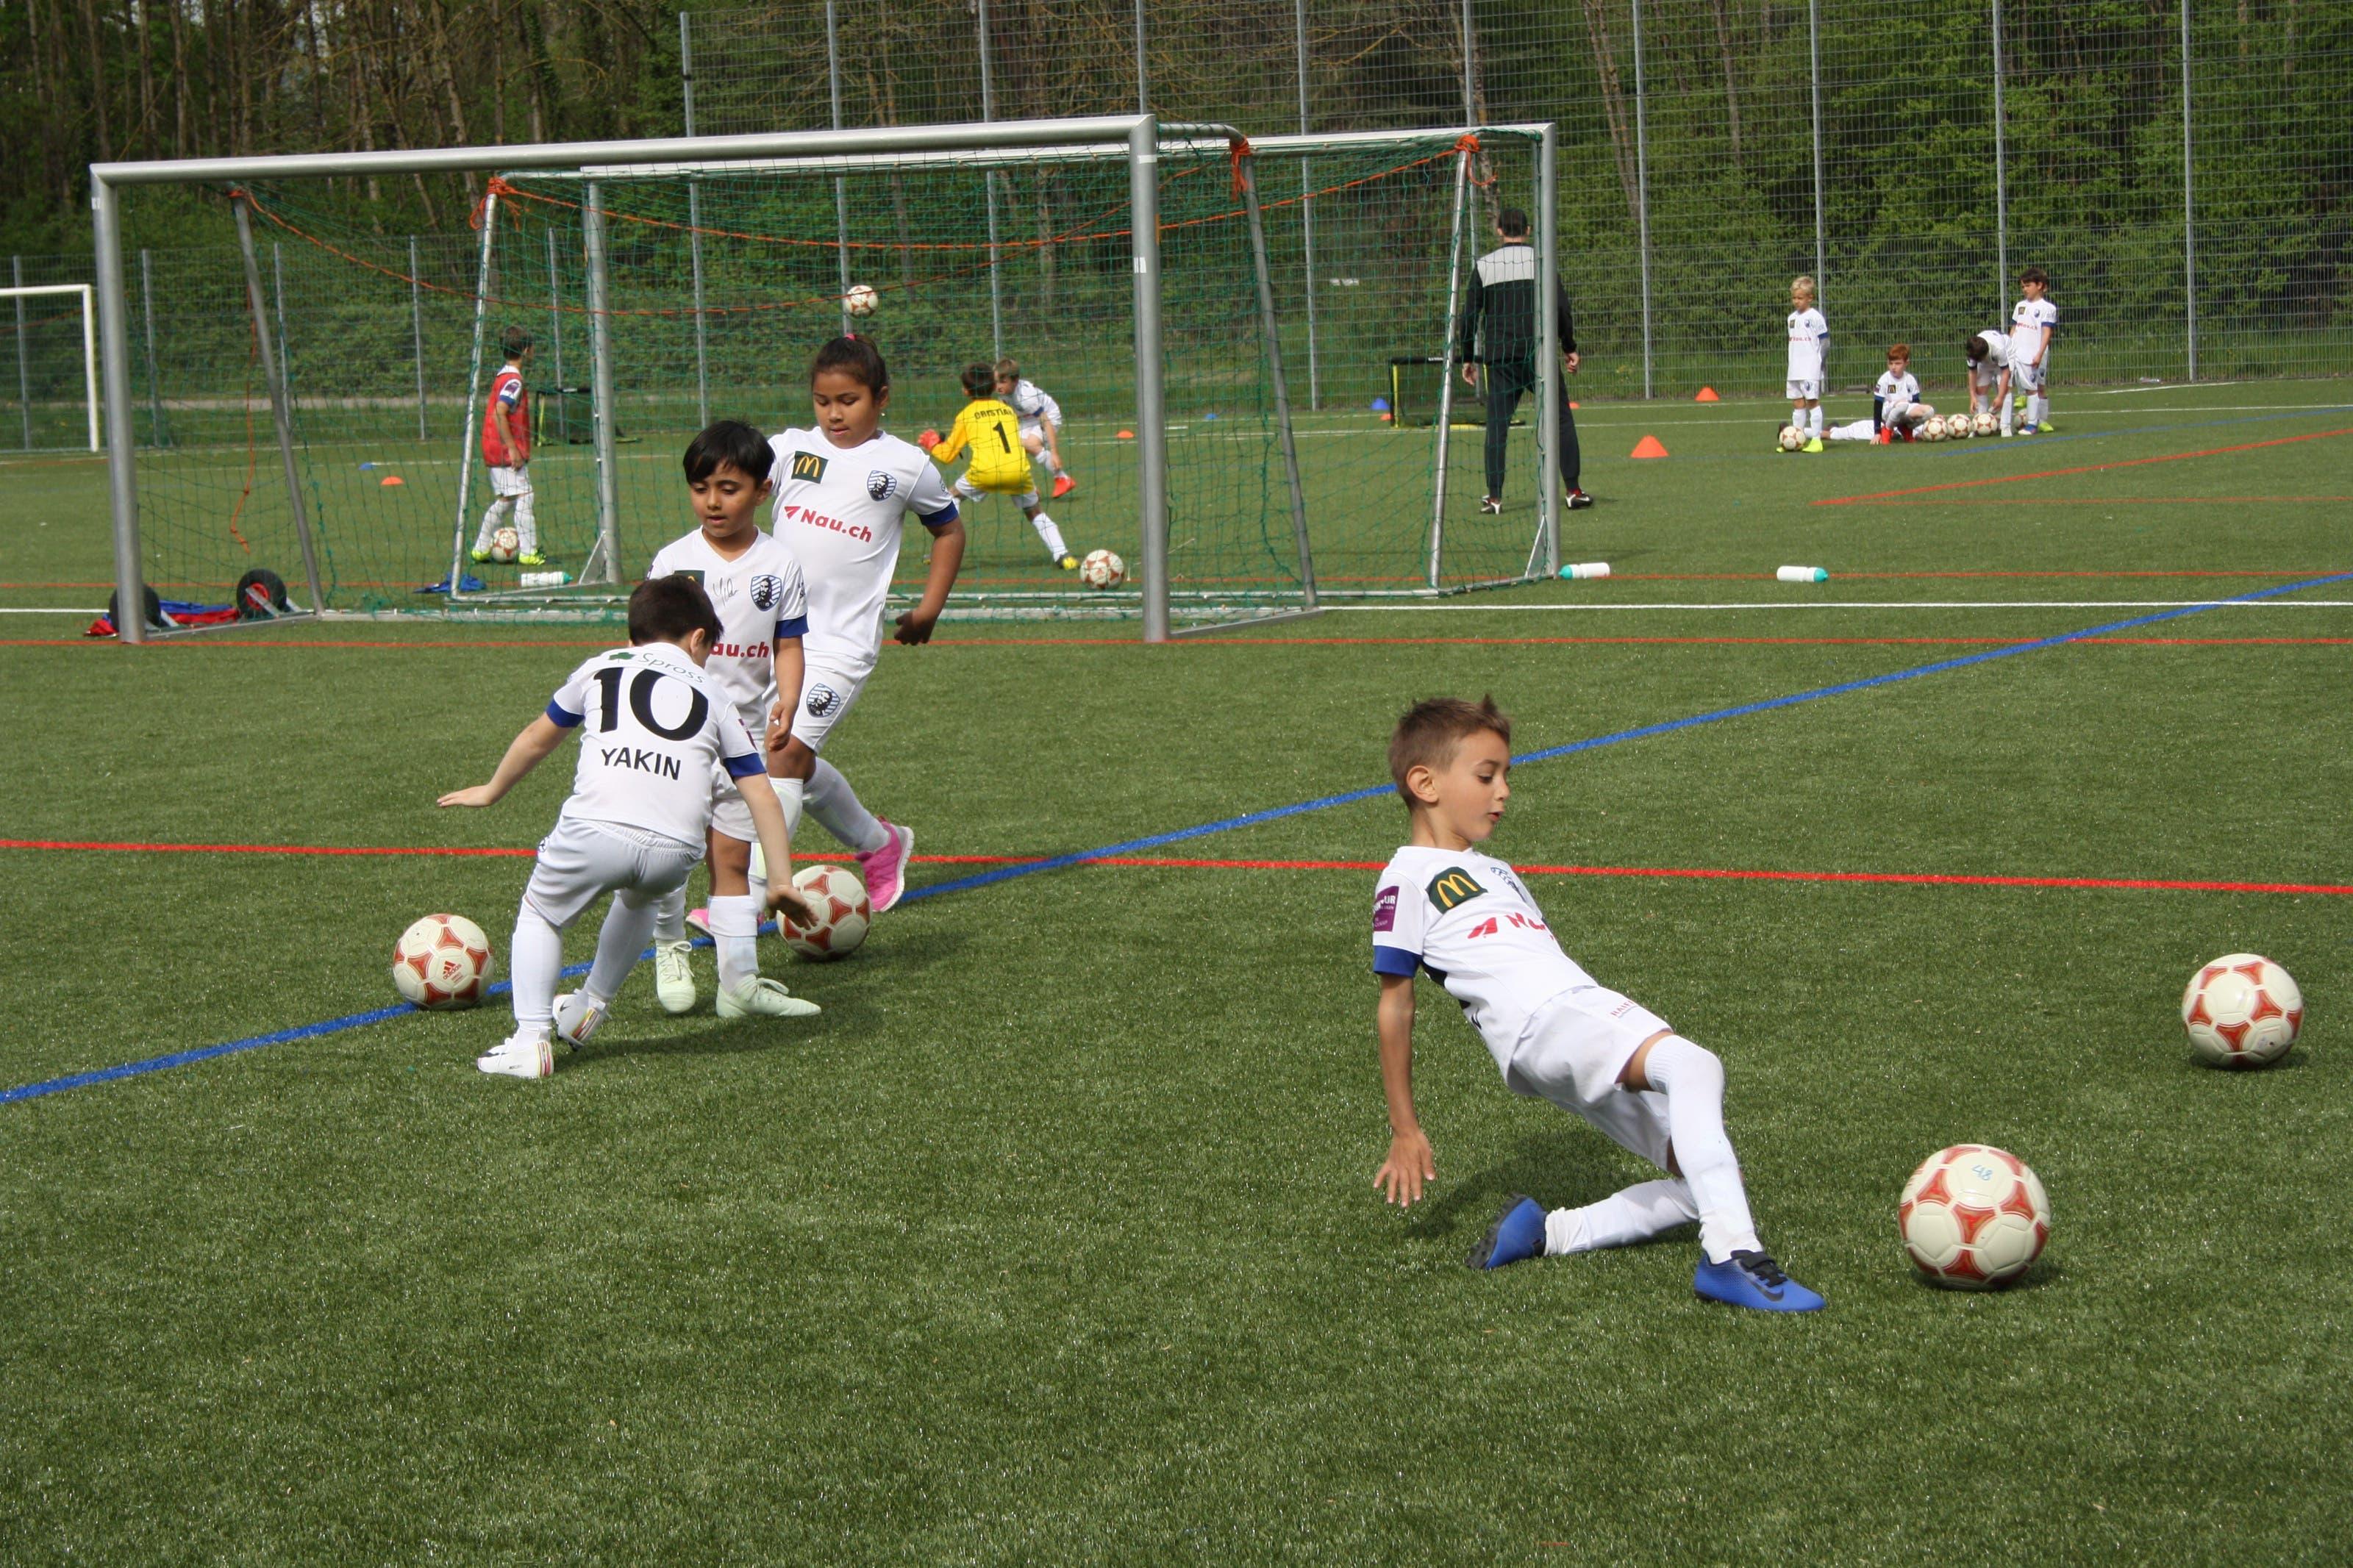 Voller Körpereinsatz: Die Kinder geben im Fussballcamp alles, um den Ball richtig zu treffen.